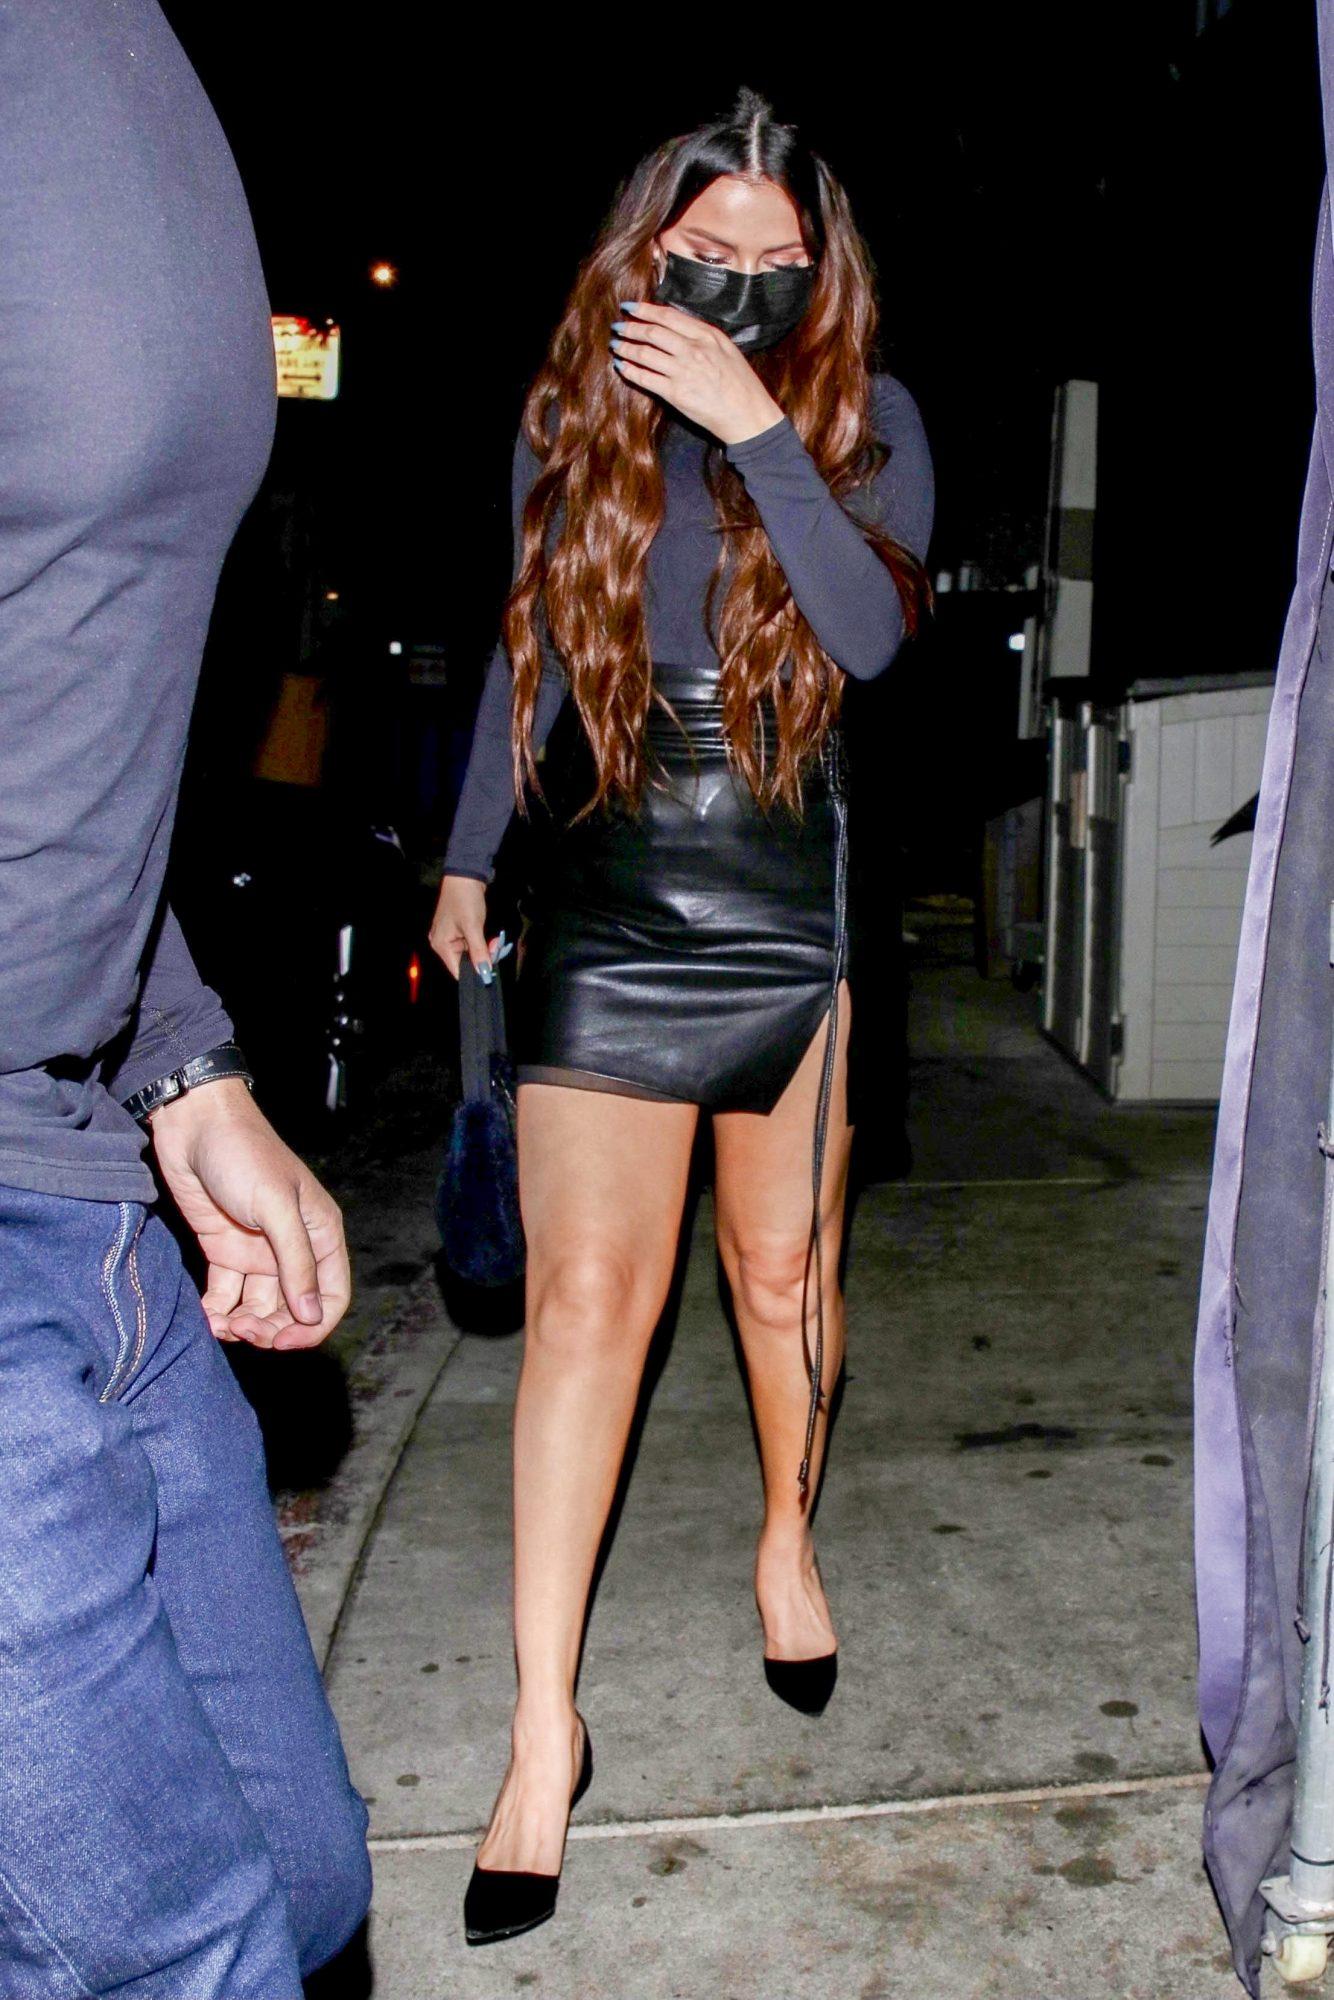 Selena Gomez Flaunts Her Legs In Leather Mini Skirt For Late Dinner In WeHo